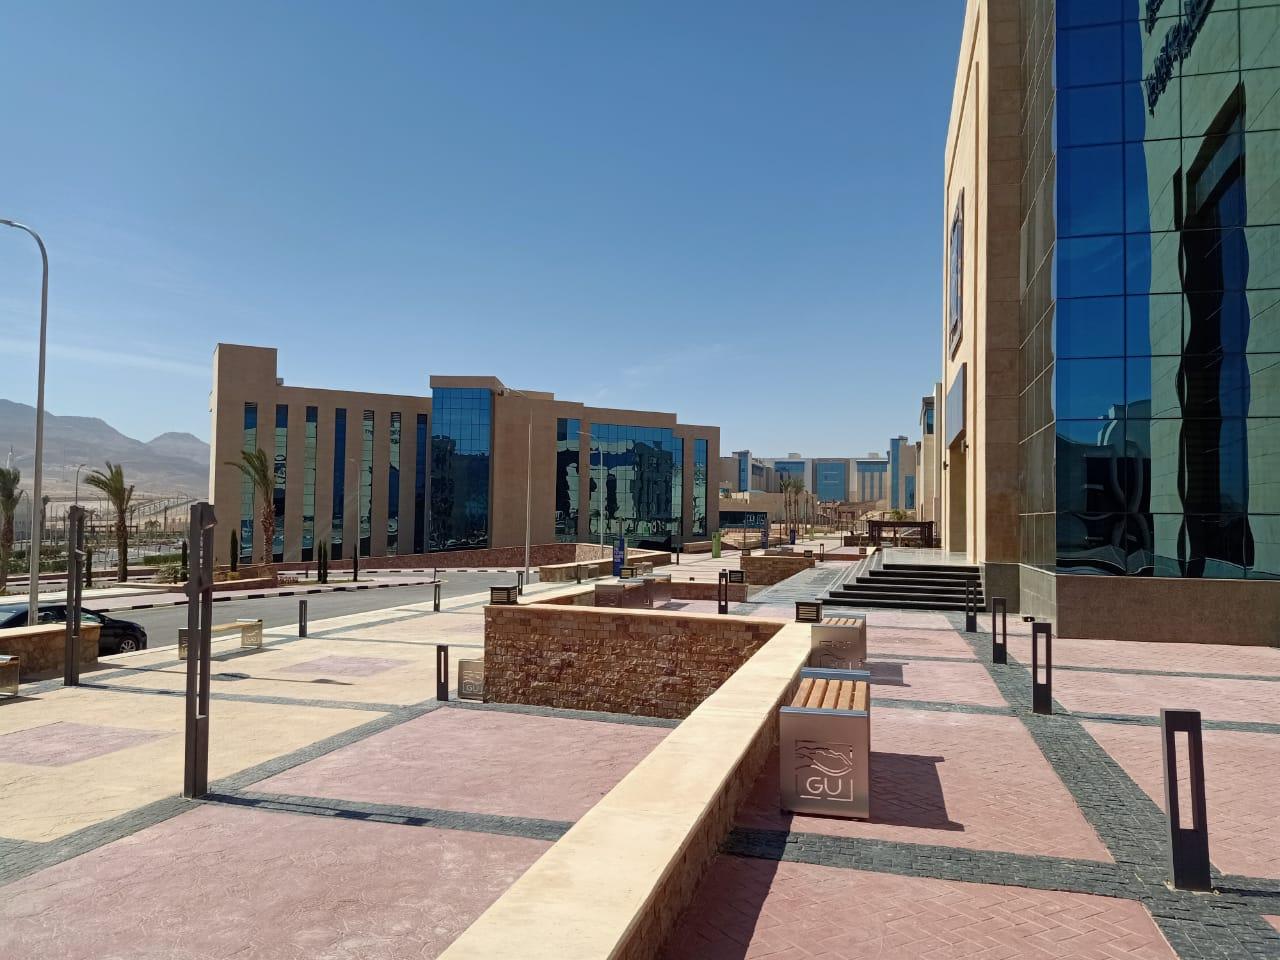 وزير التعليم العالي يستعرض تقريرًا حول متابعة أعمال البنية المعلوماتية بجامعة الجلالة